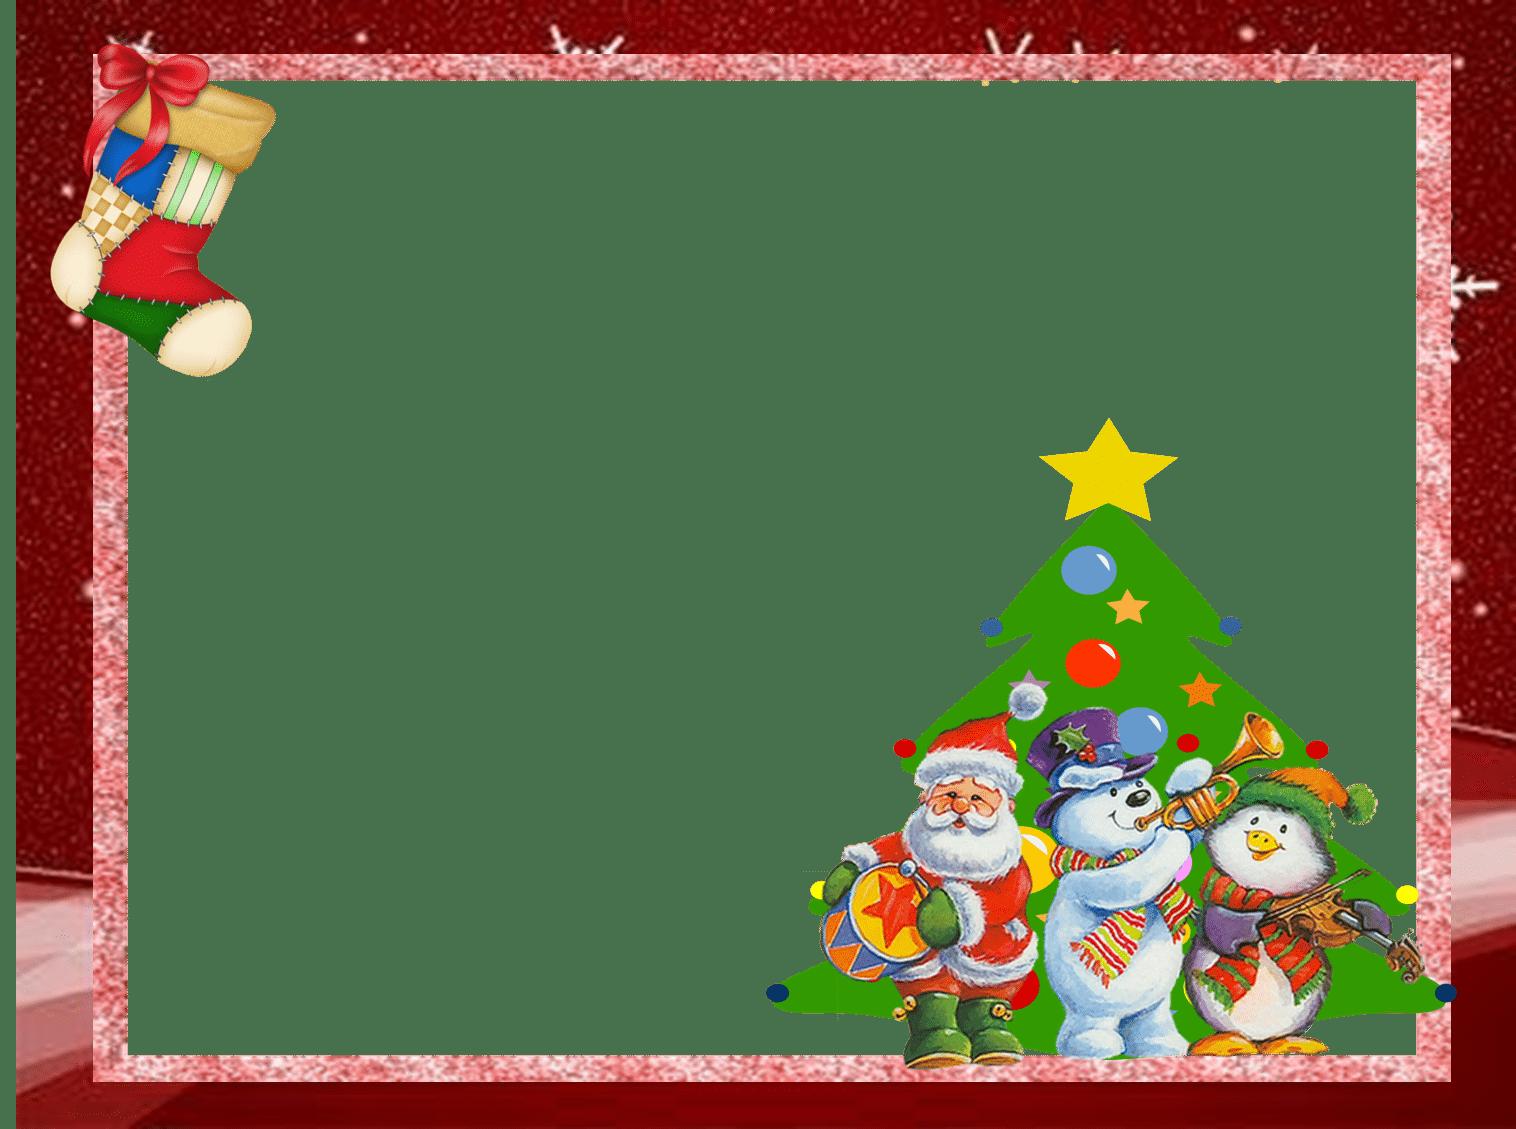 Imprimir Cartão De Natal